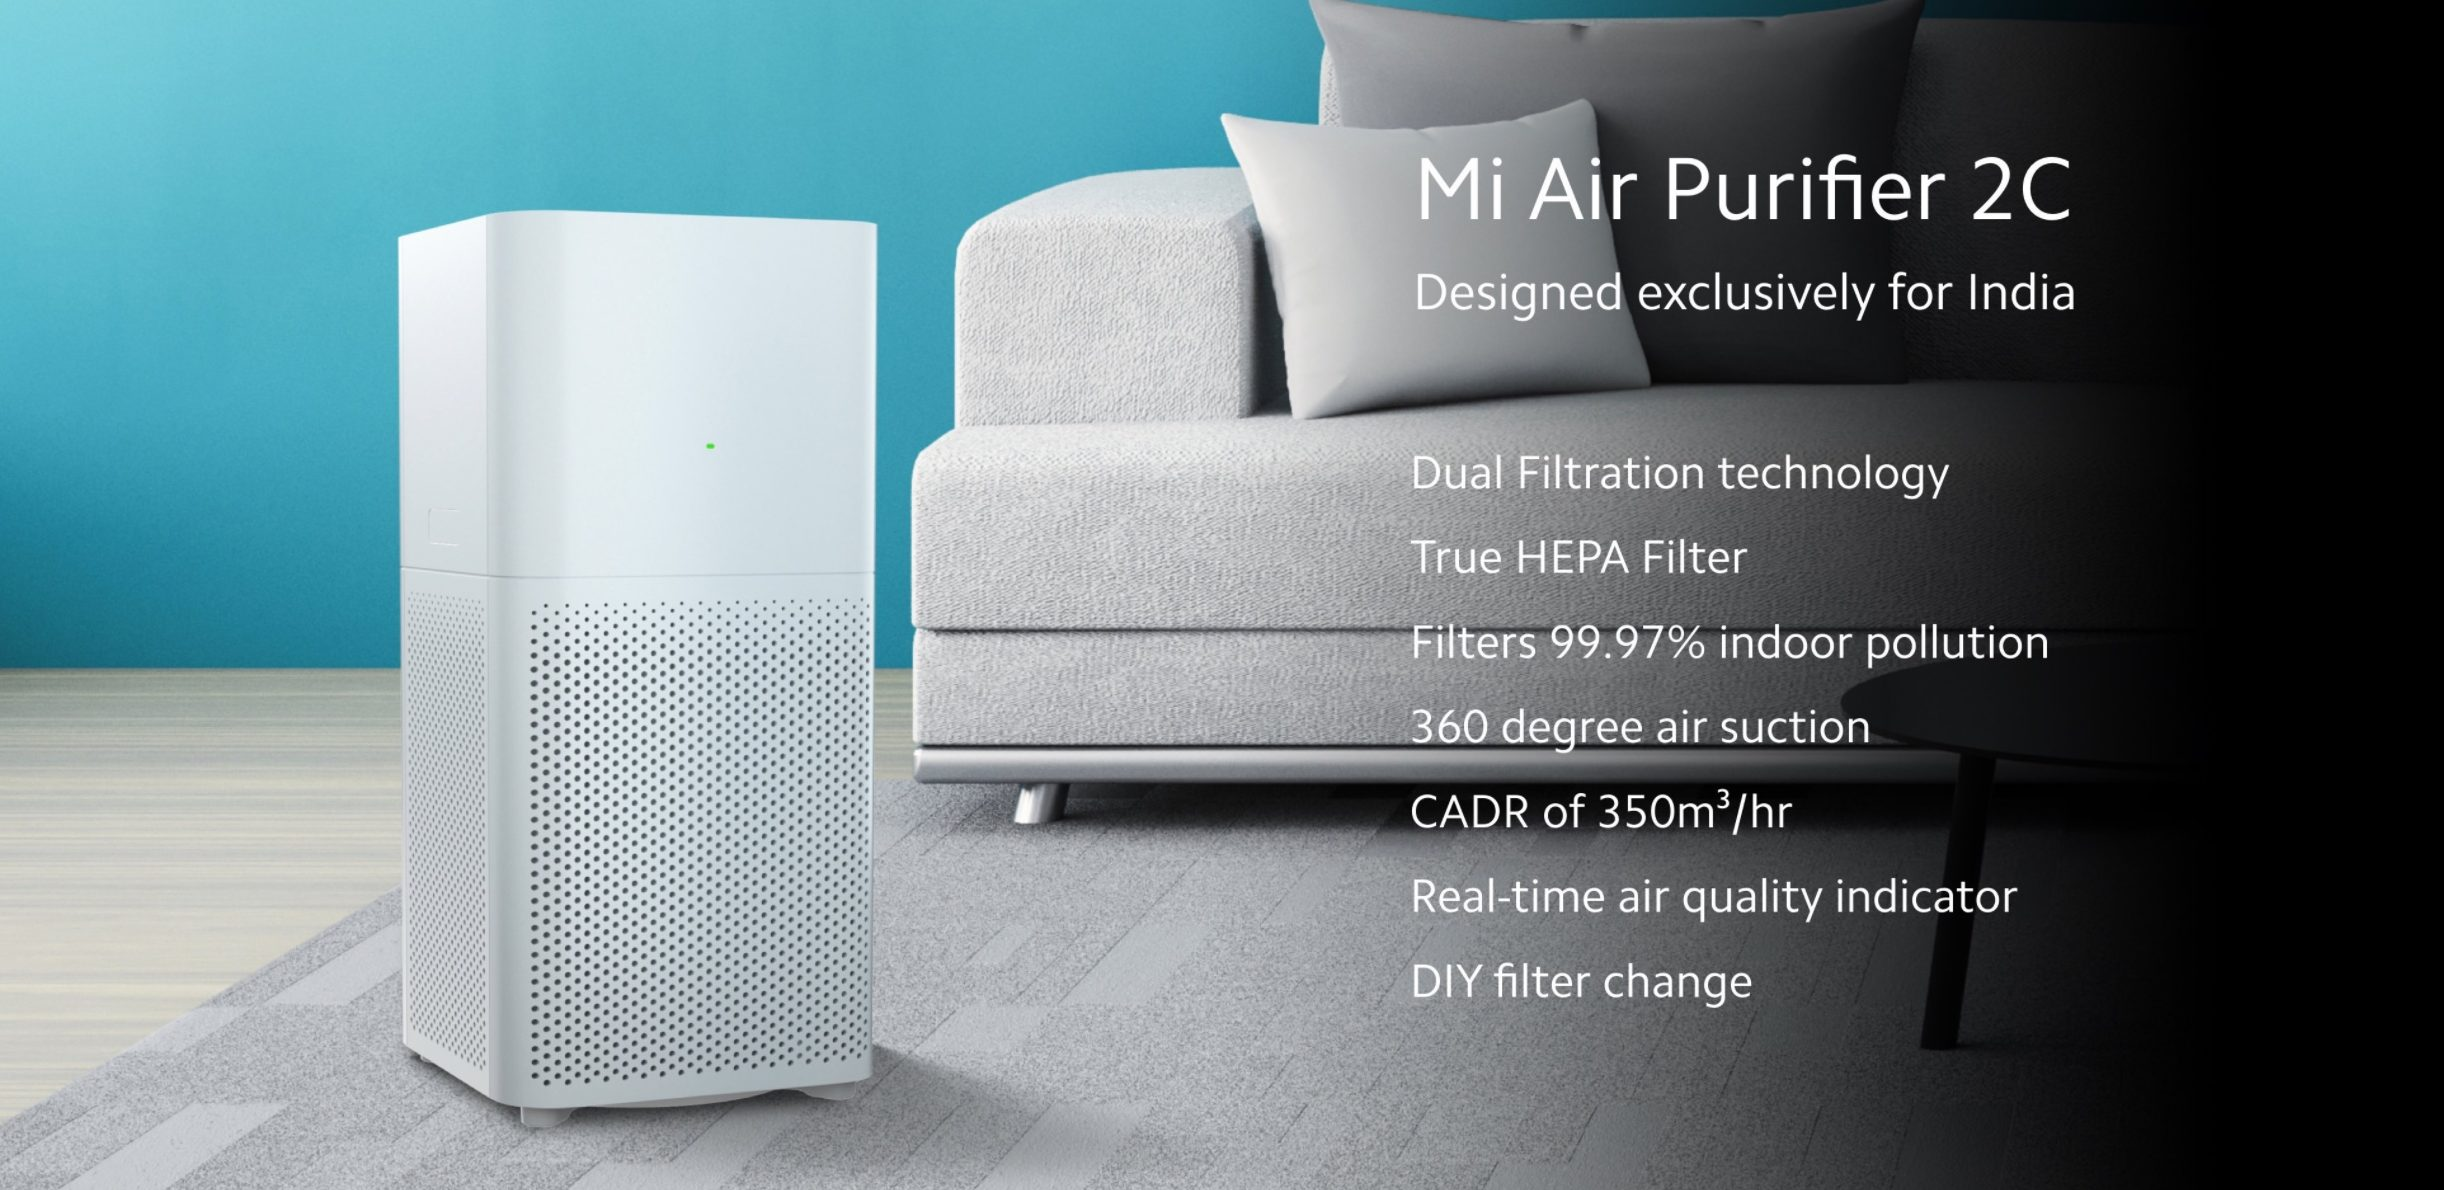 Xiaomi Air Purifier 2C